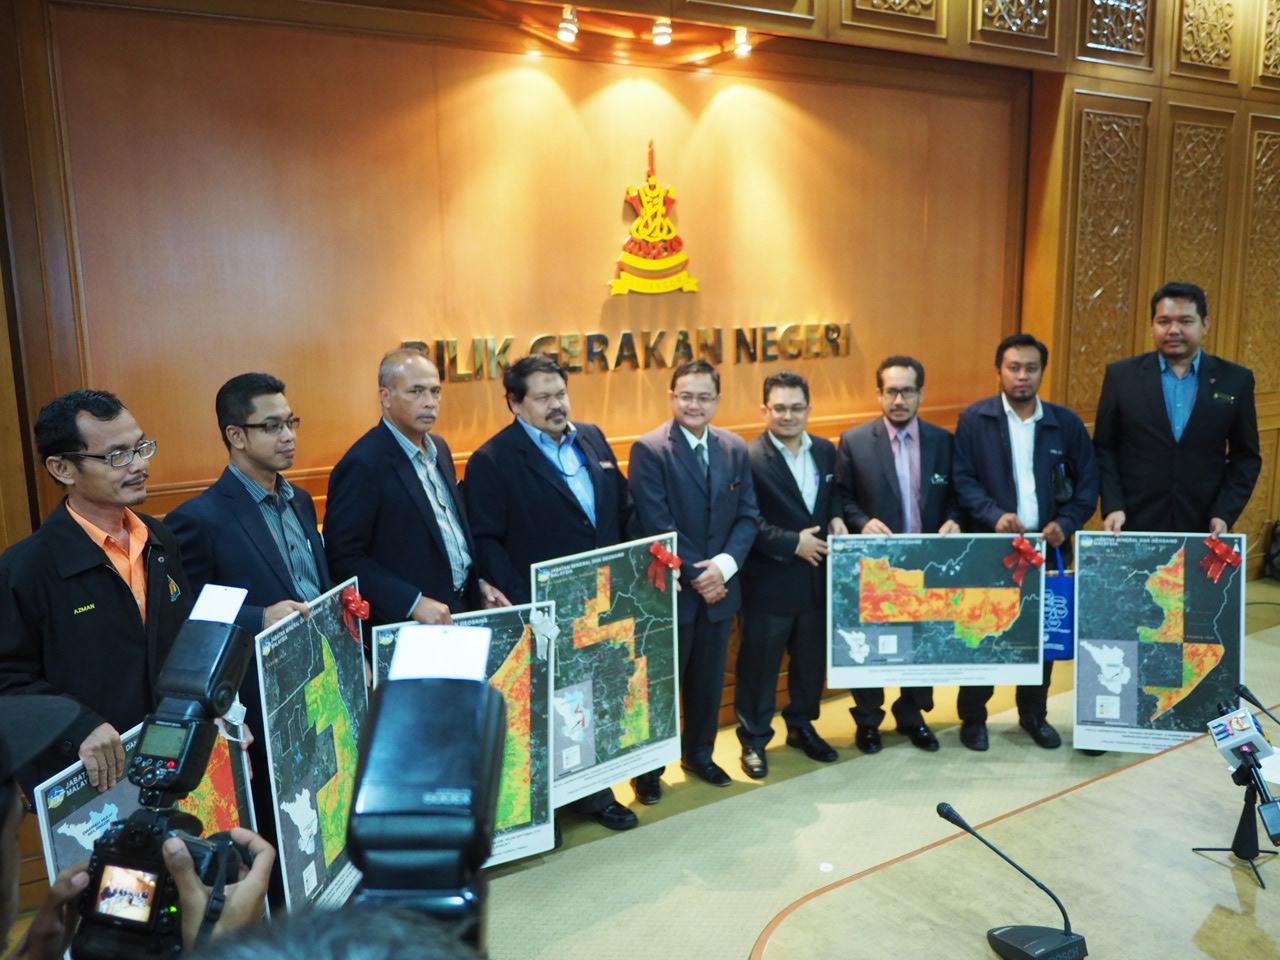 Majlis penyerahan output projek penghasilan peta bahaya dan risiko cerun (Pbrc) kepada pihak berkuasa tempatan peringkat negeri selangor